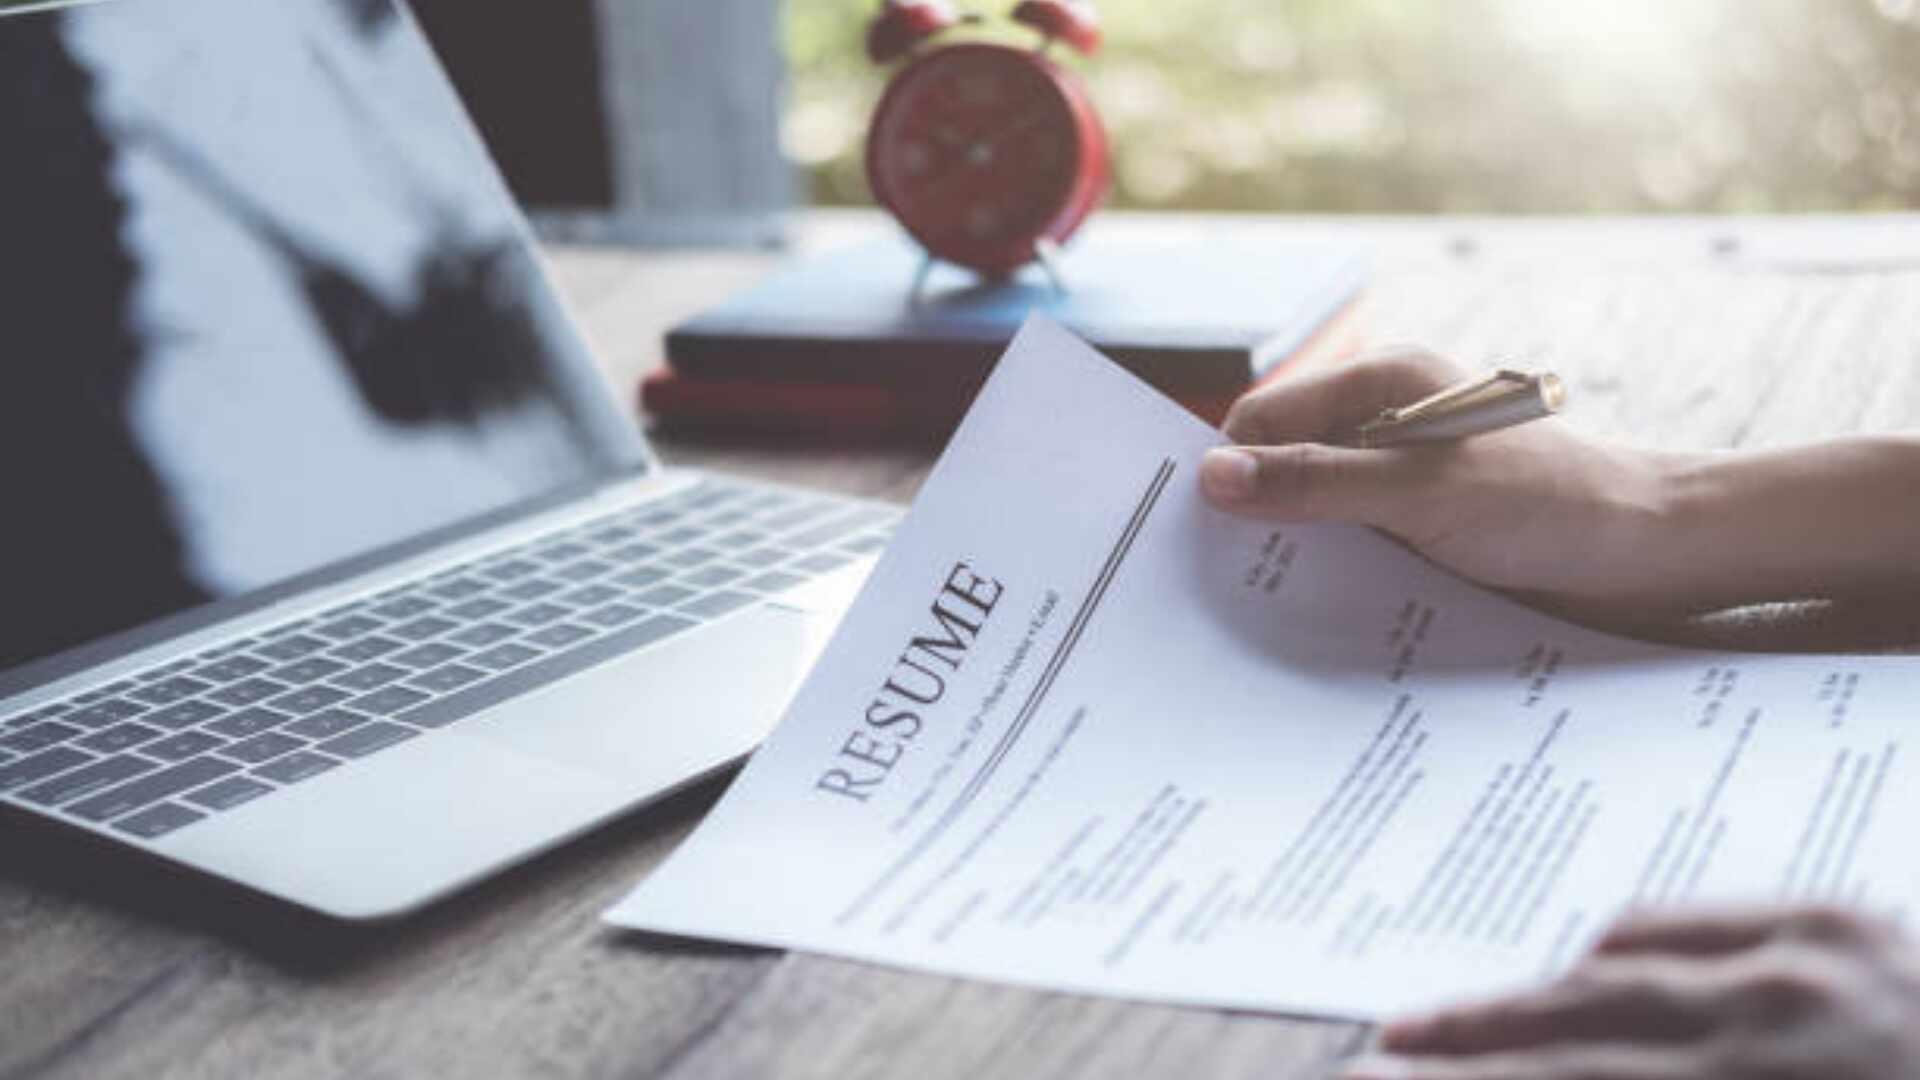 Canva İle Ücretsiz ve Profesyonel Bir CV Nasıl Hazırlanır?